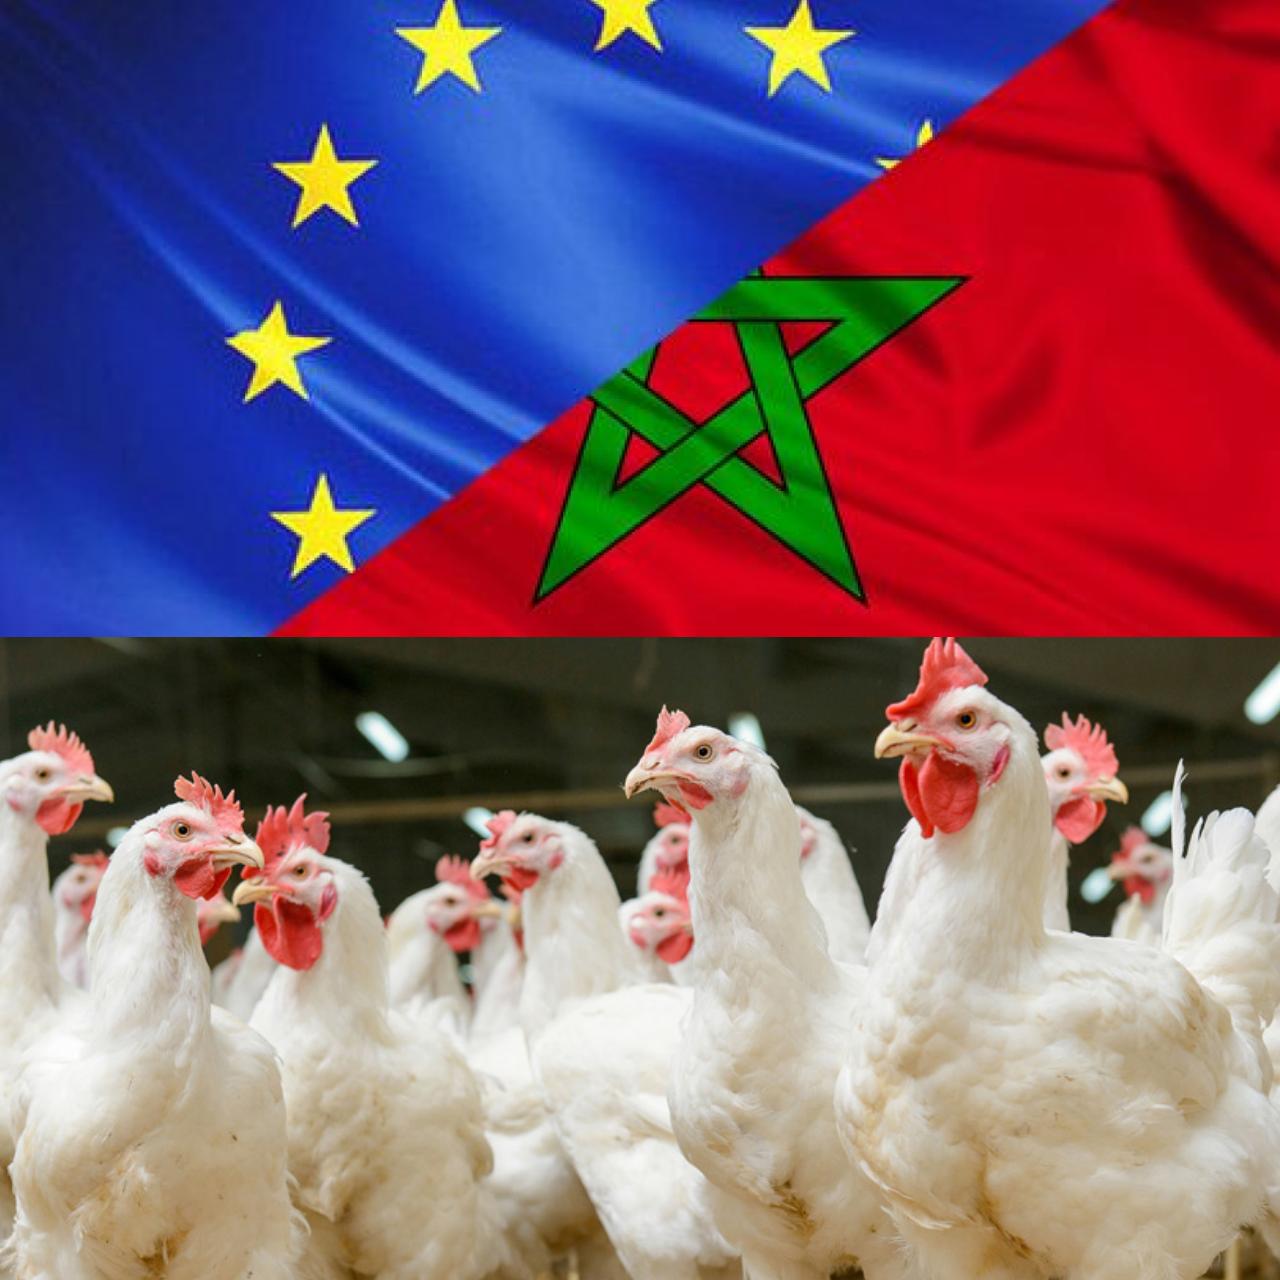 هذا ما صدر عن تقرير الاتحاد الأروبي بعد افتحاص قطاع الدواجن بالمغرب…!!!!!